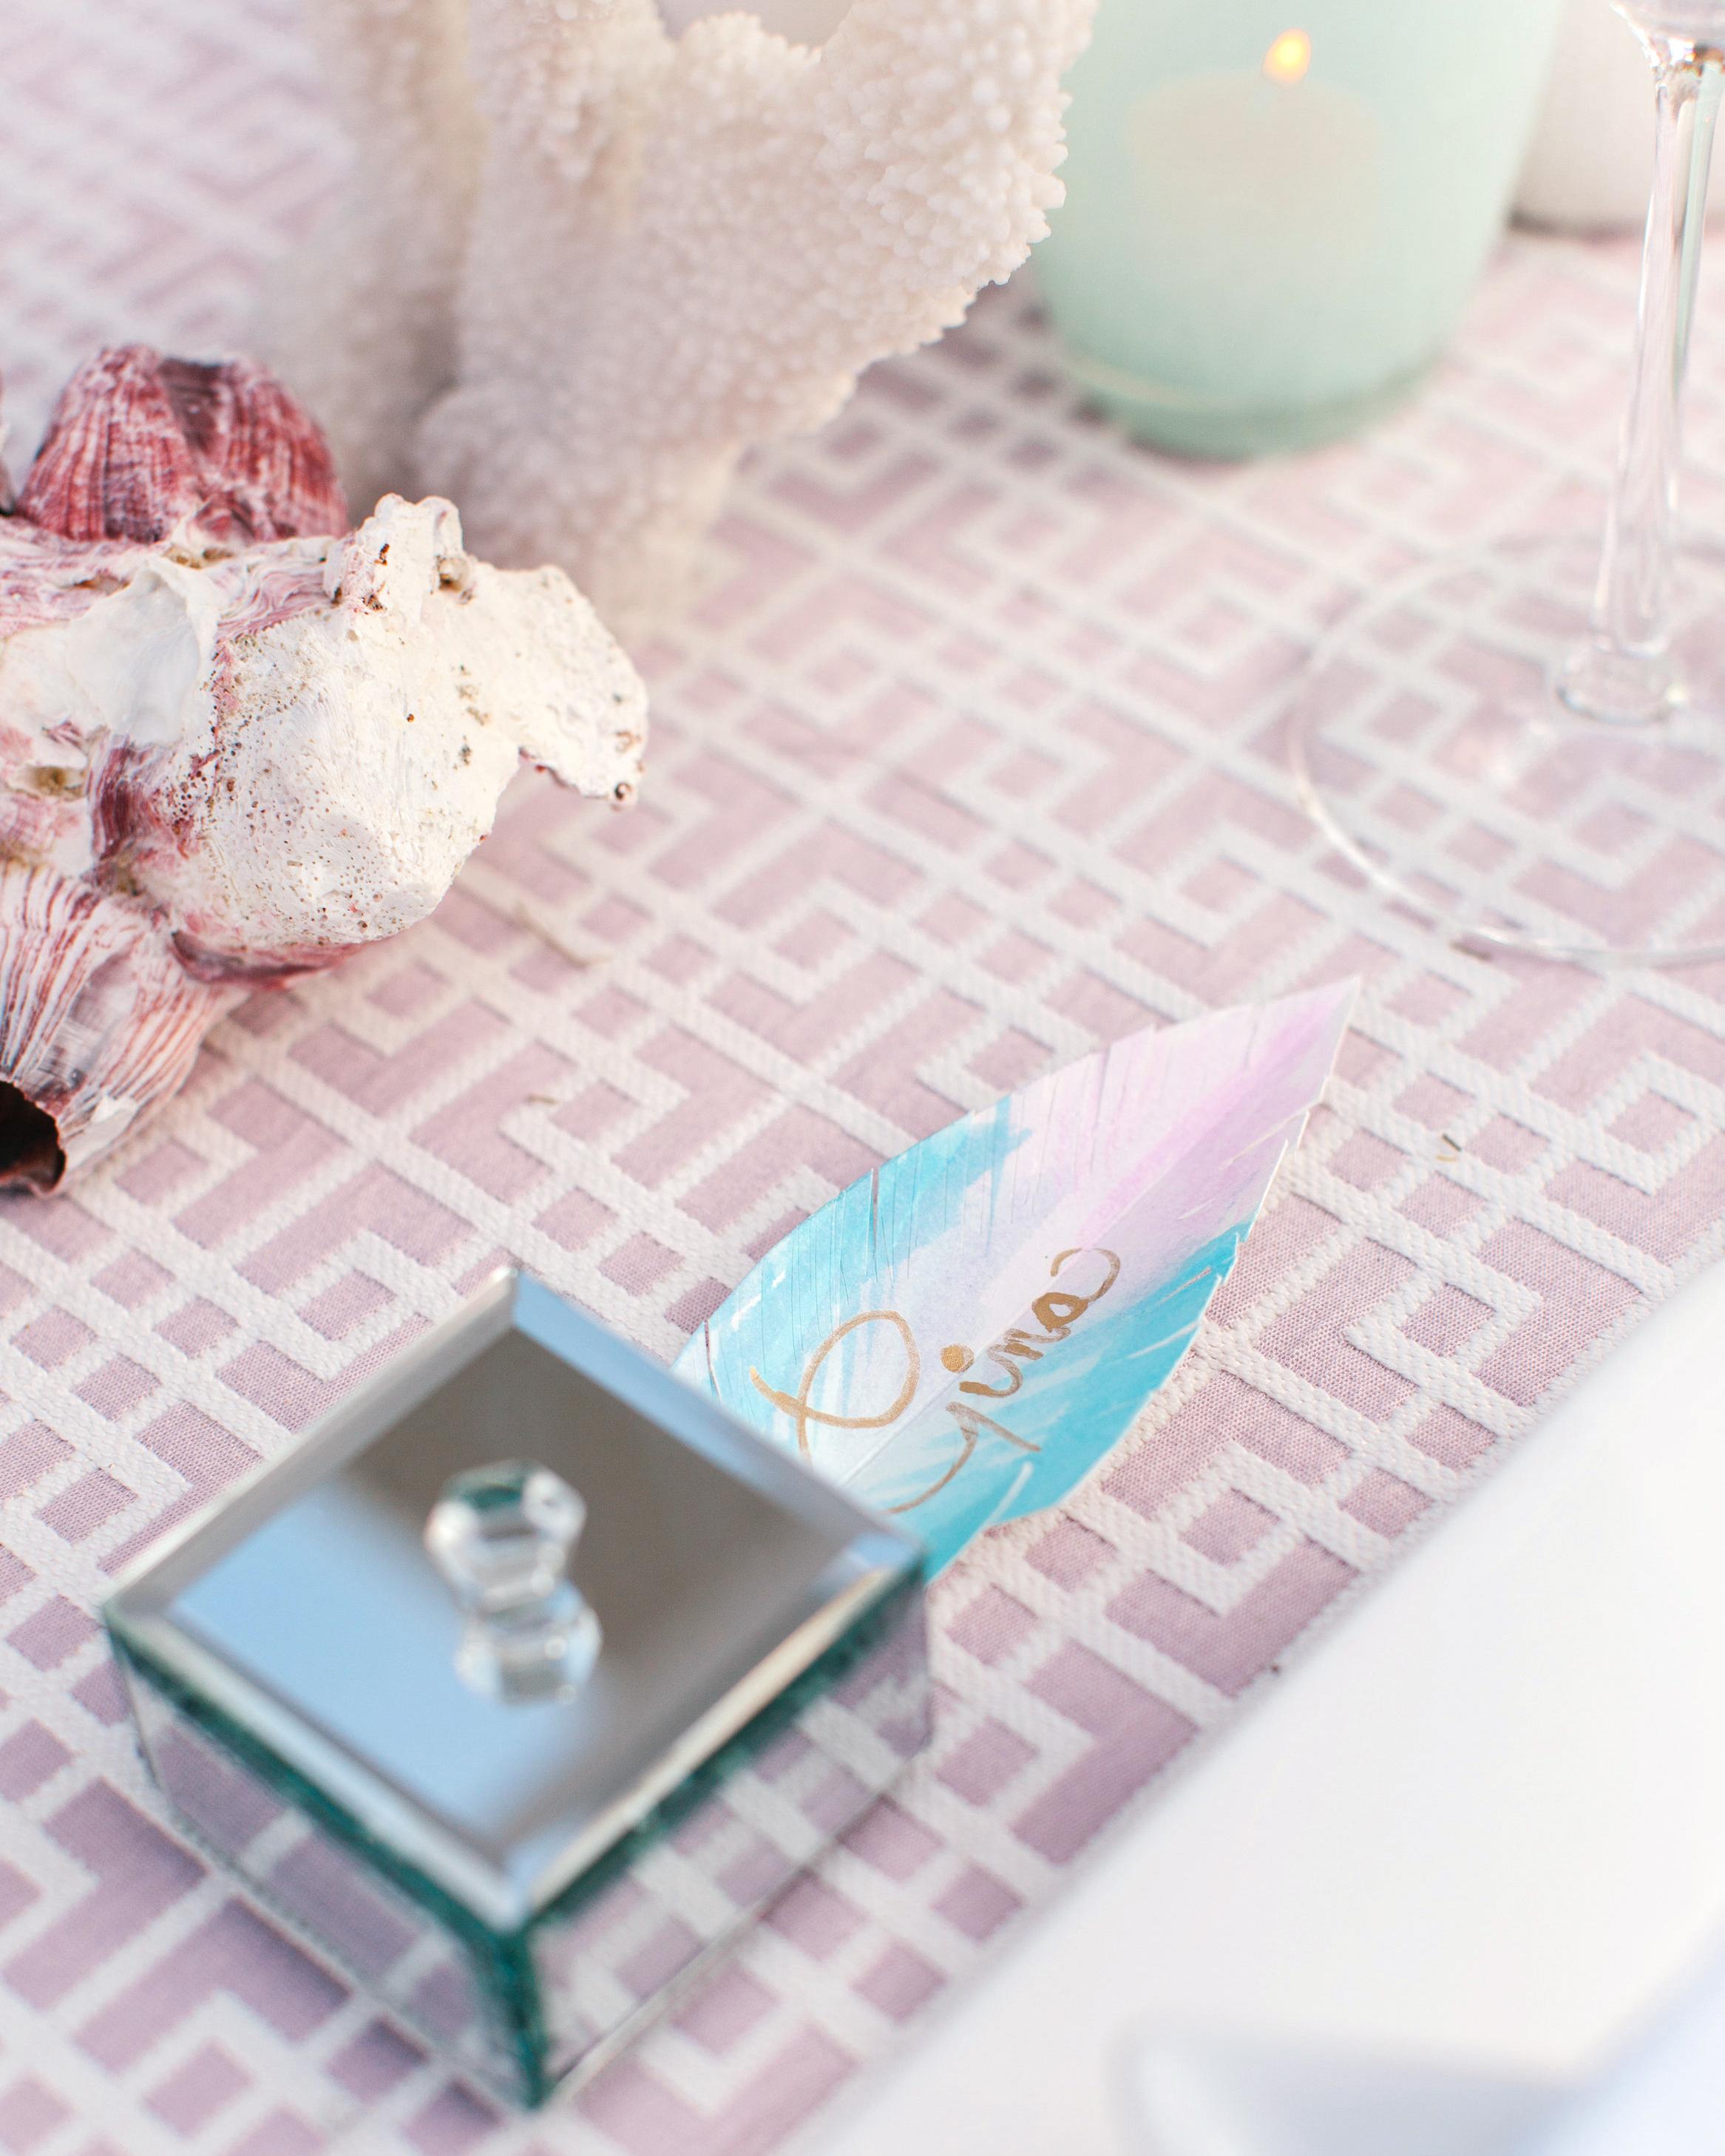 kari-charlie-wedding-placecard-0314.jpg